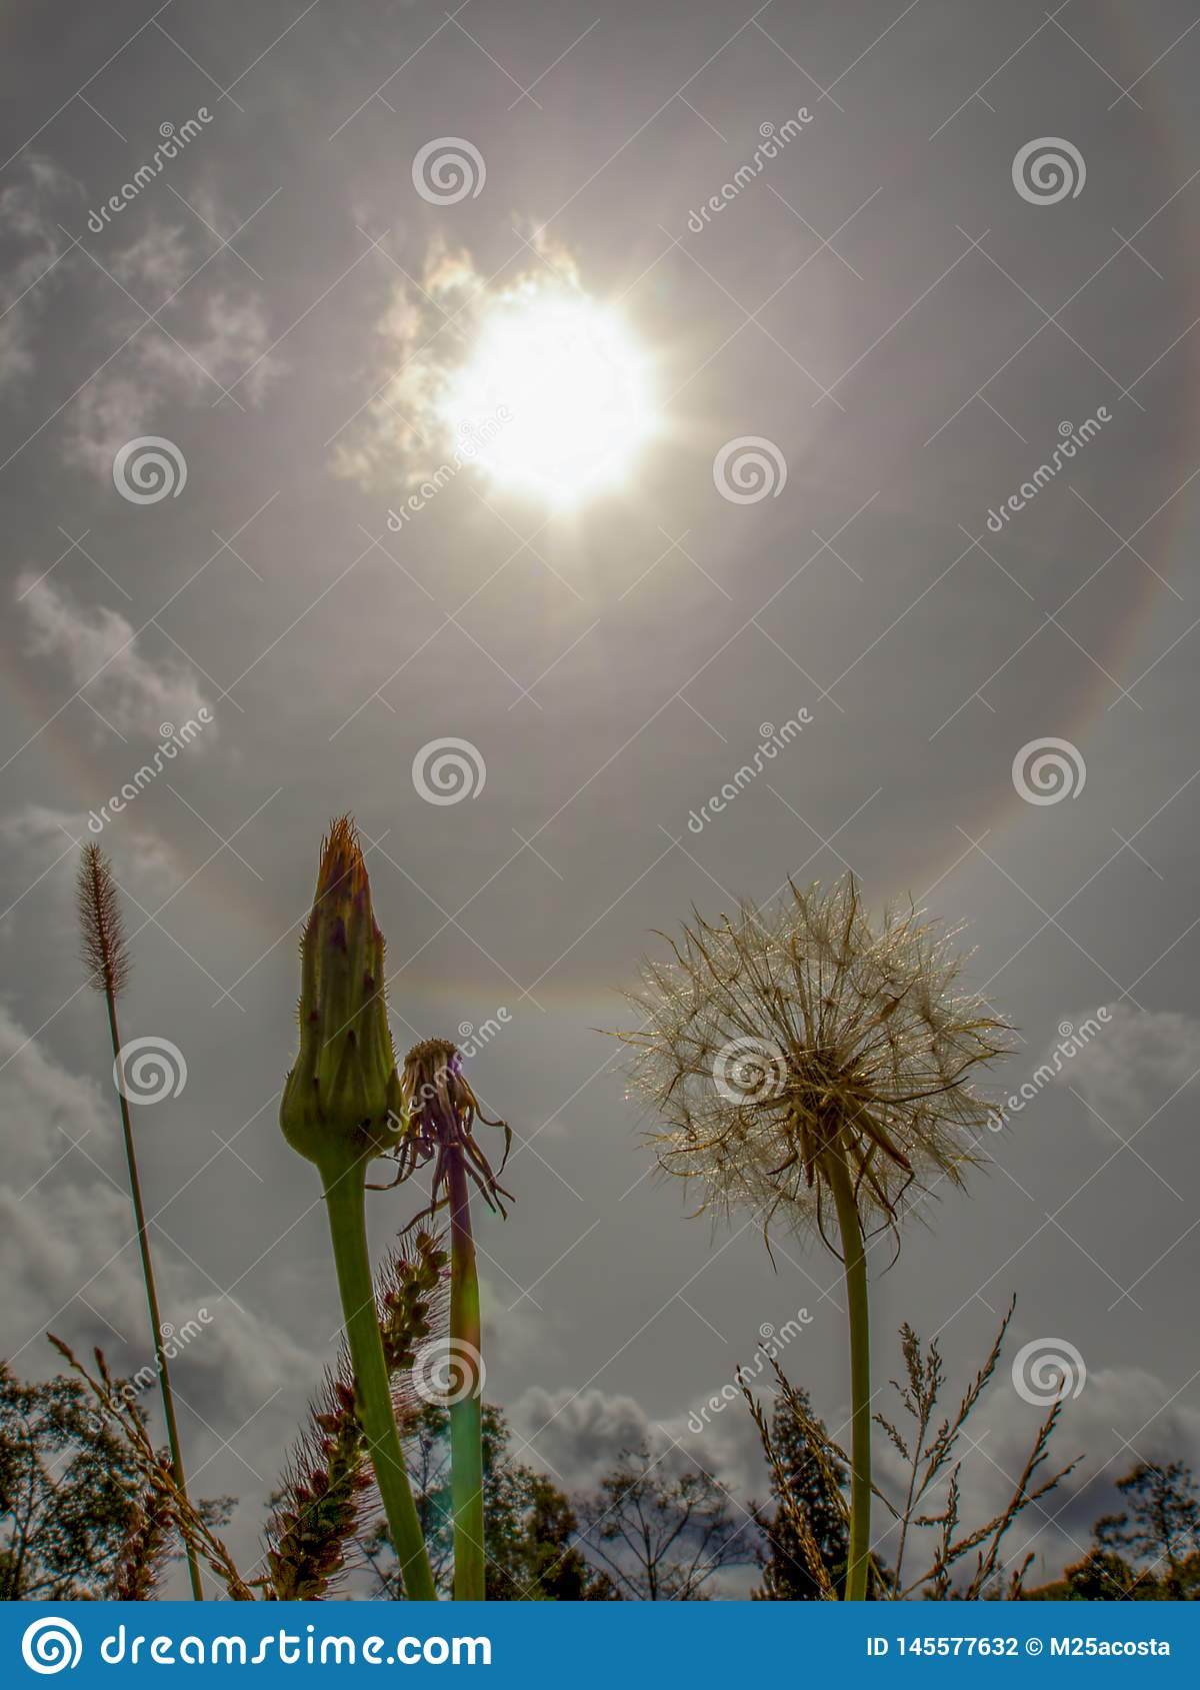 蒲公英绒毛和一些草